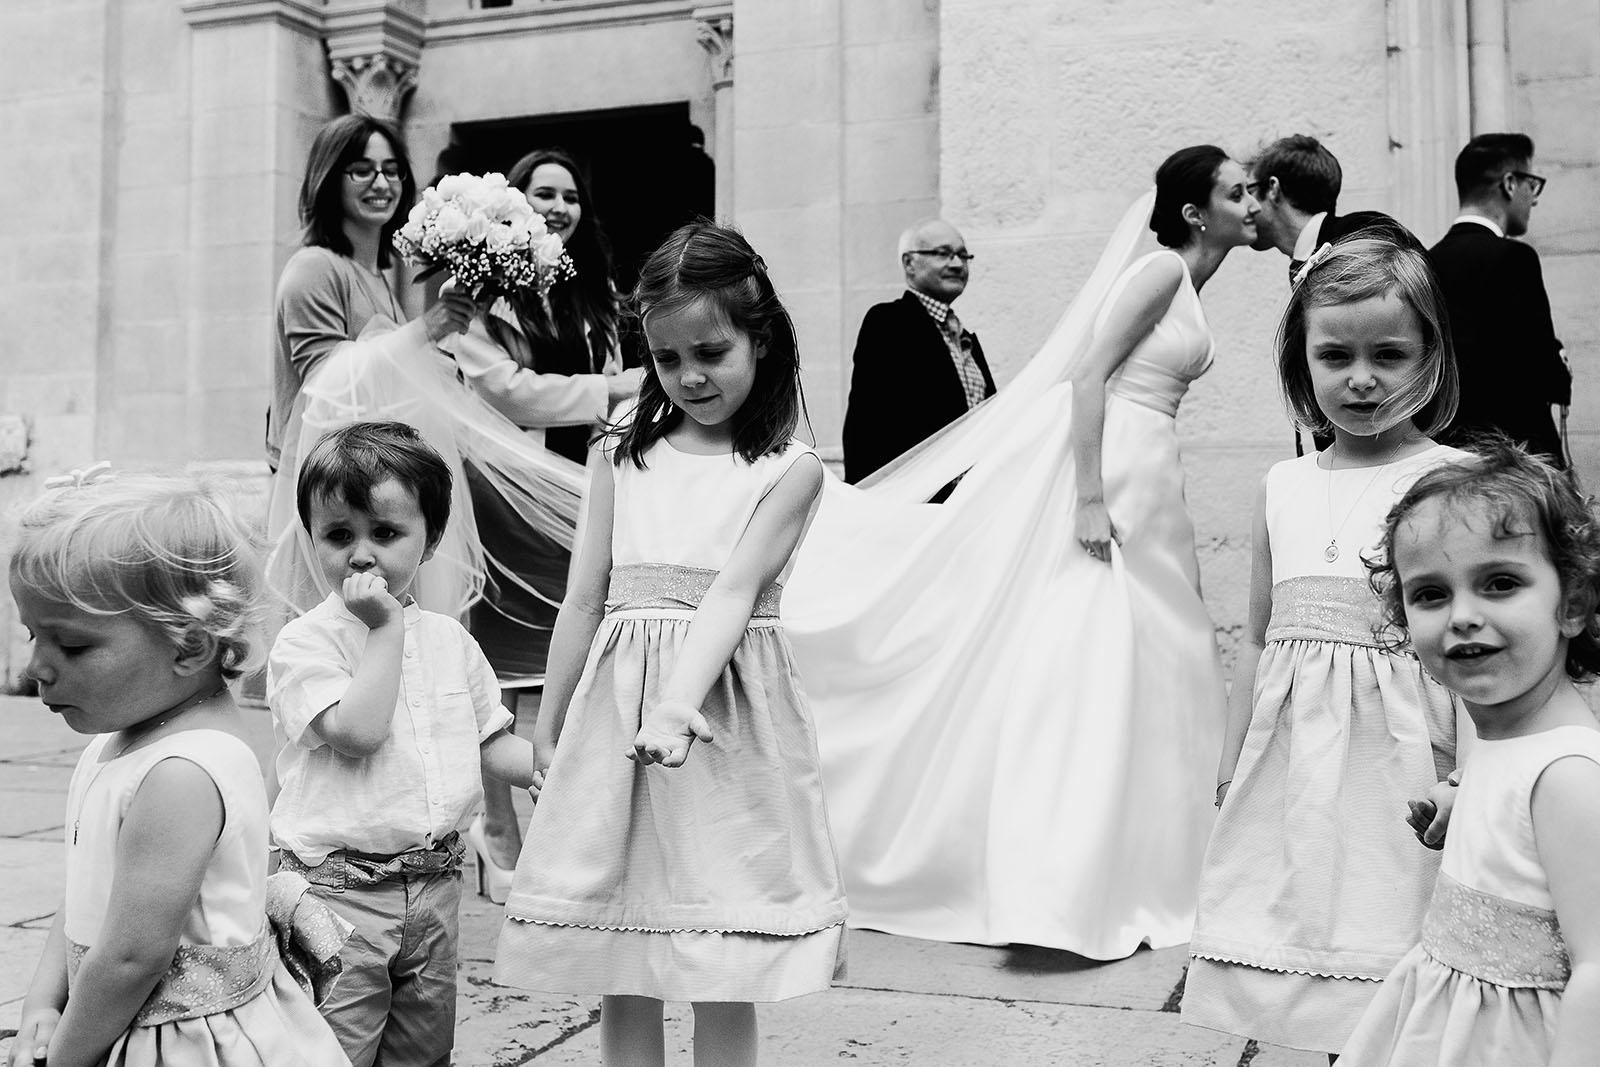 Photographe de mariage à Lyon. L'entrée de l'église avec la mariée et les enfants d'honneur